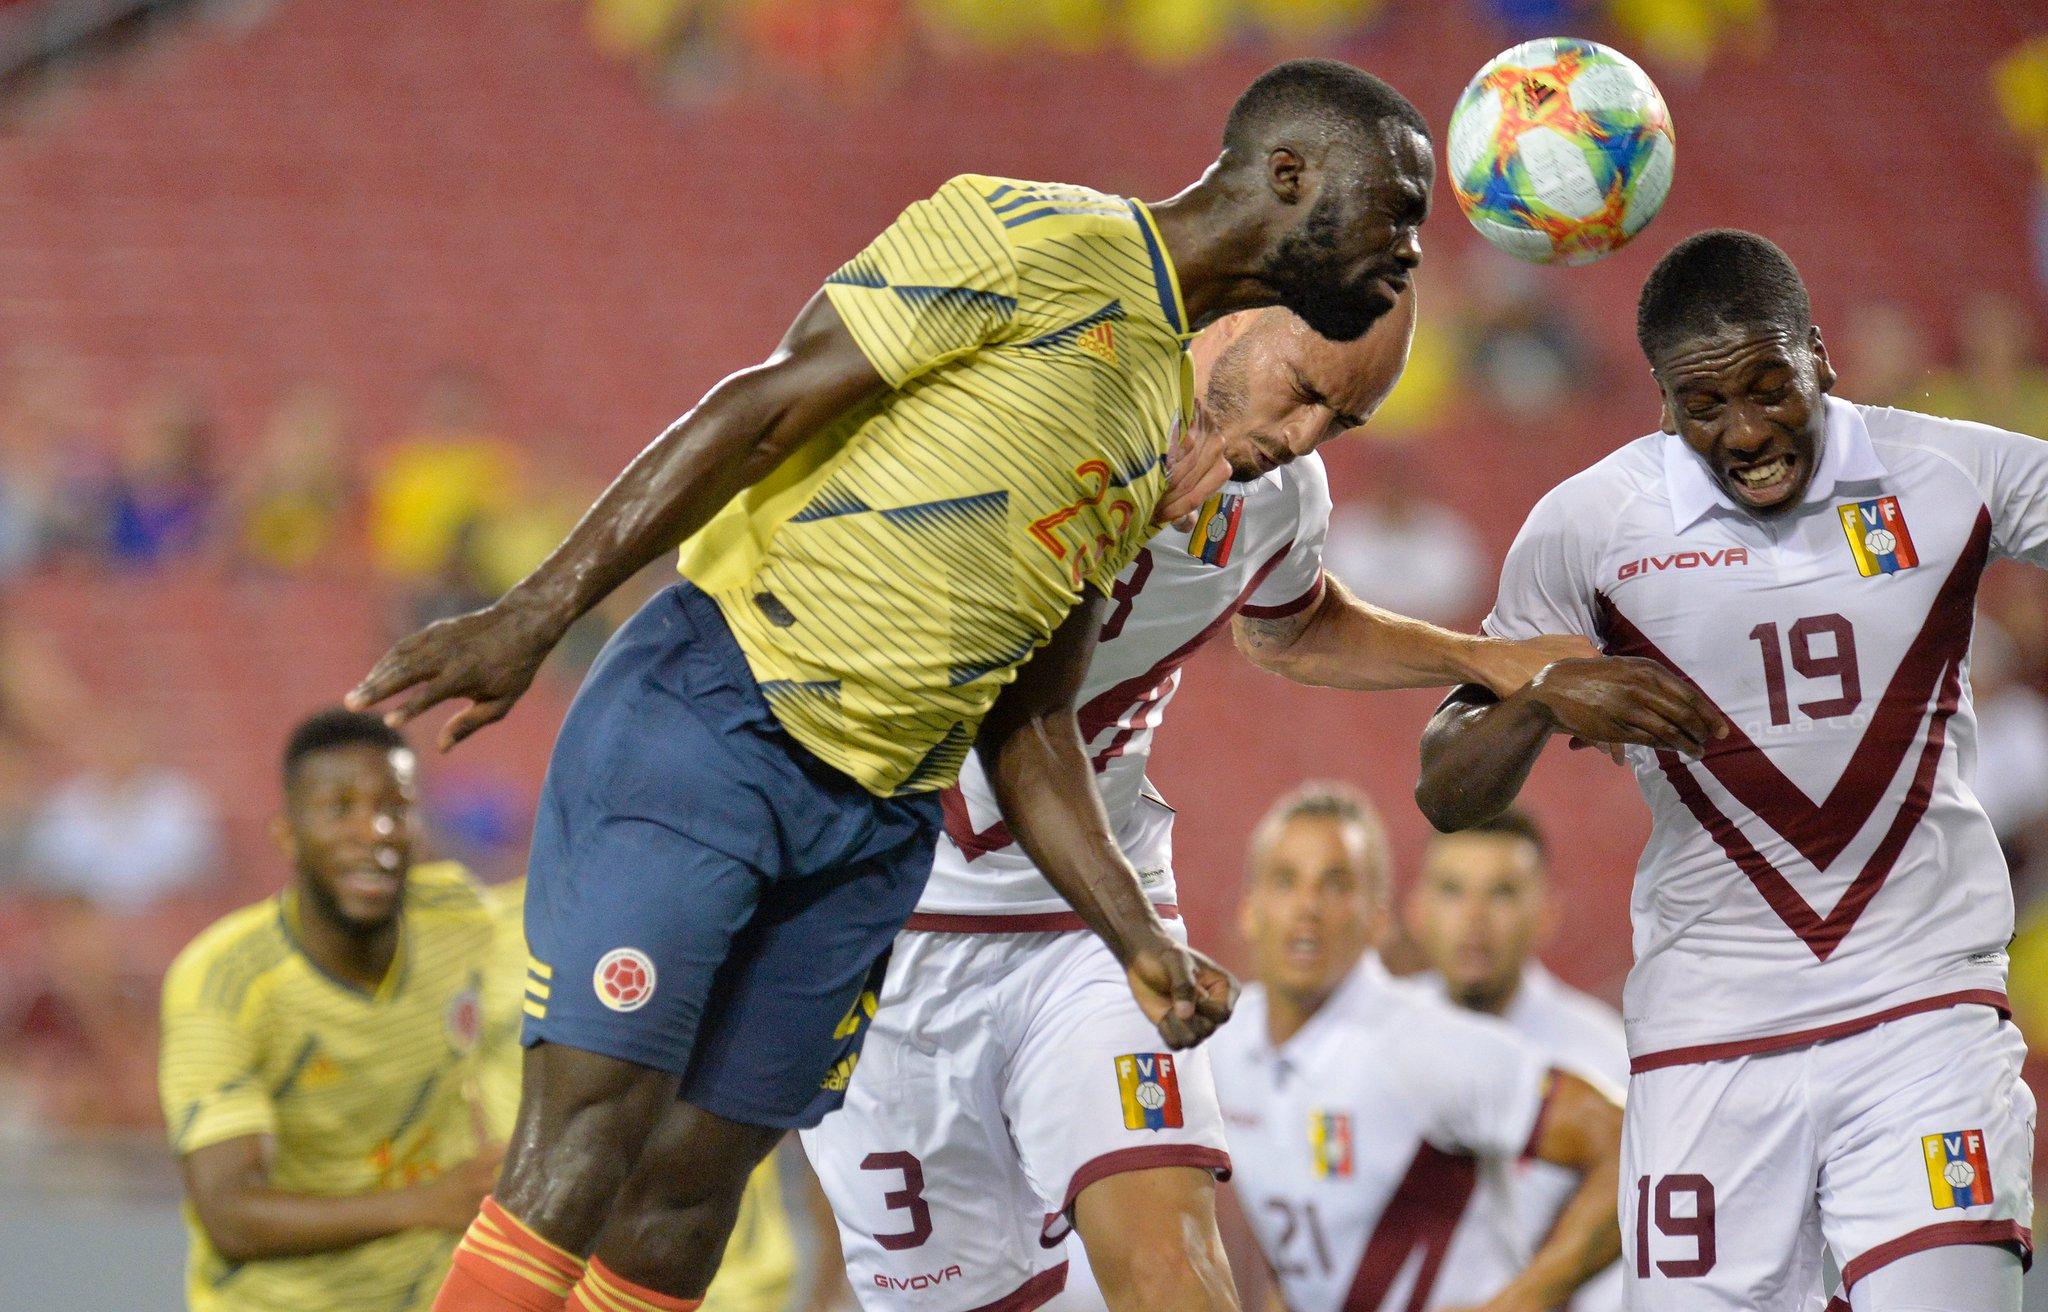 Colombia National Football Team: 📸 Algunas imágenes que dejó el empate 0-0 entre nuestra Selección y la @SeleVinot...